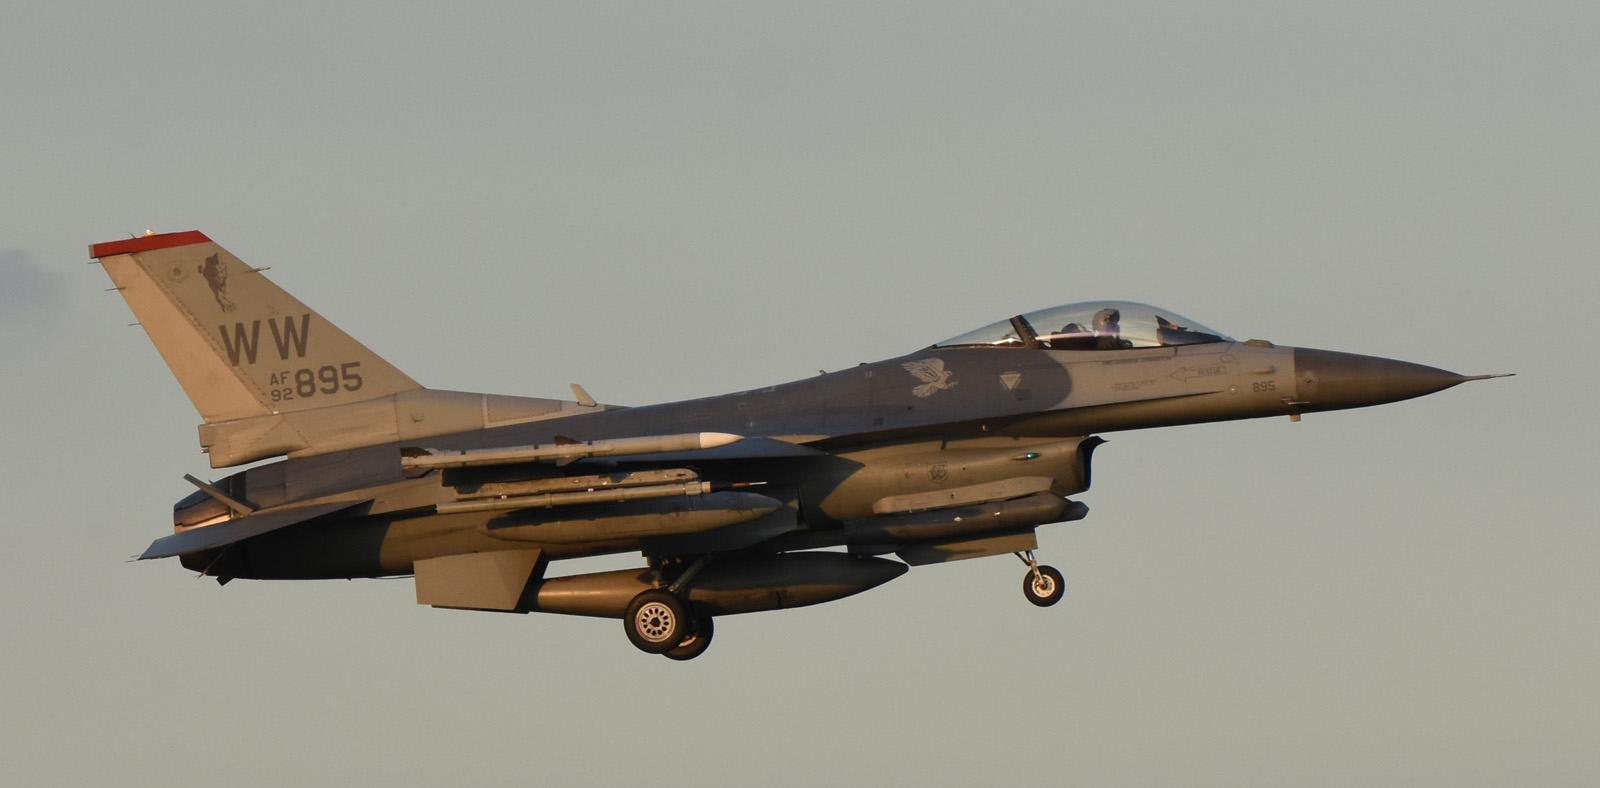 F16cm160730g049